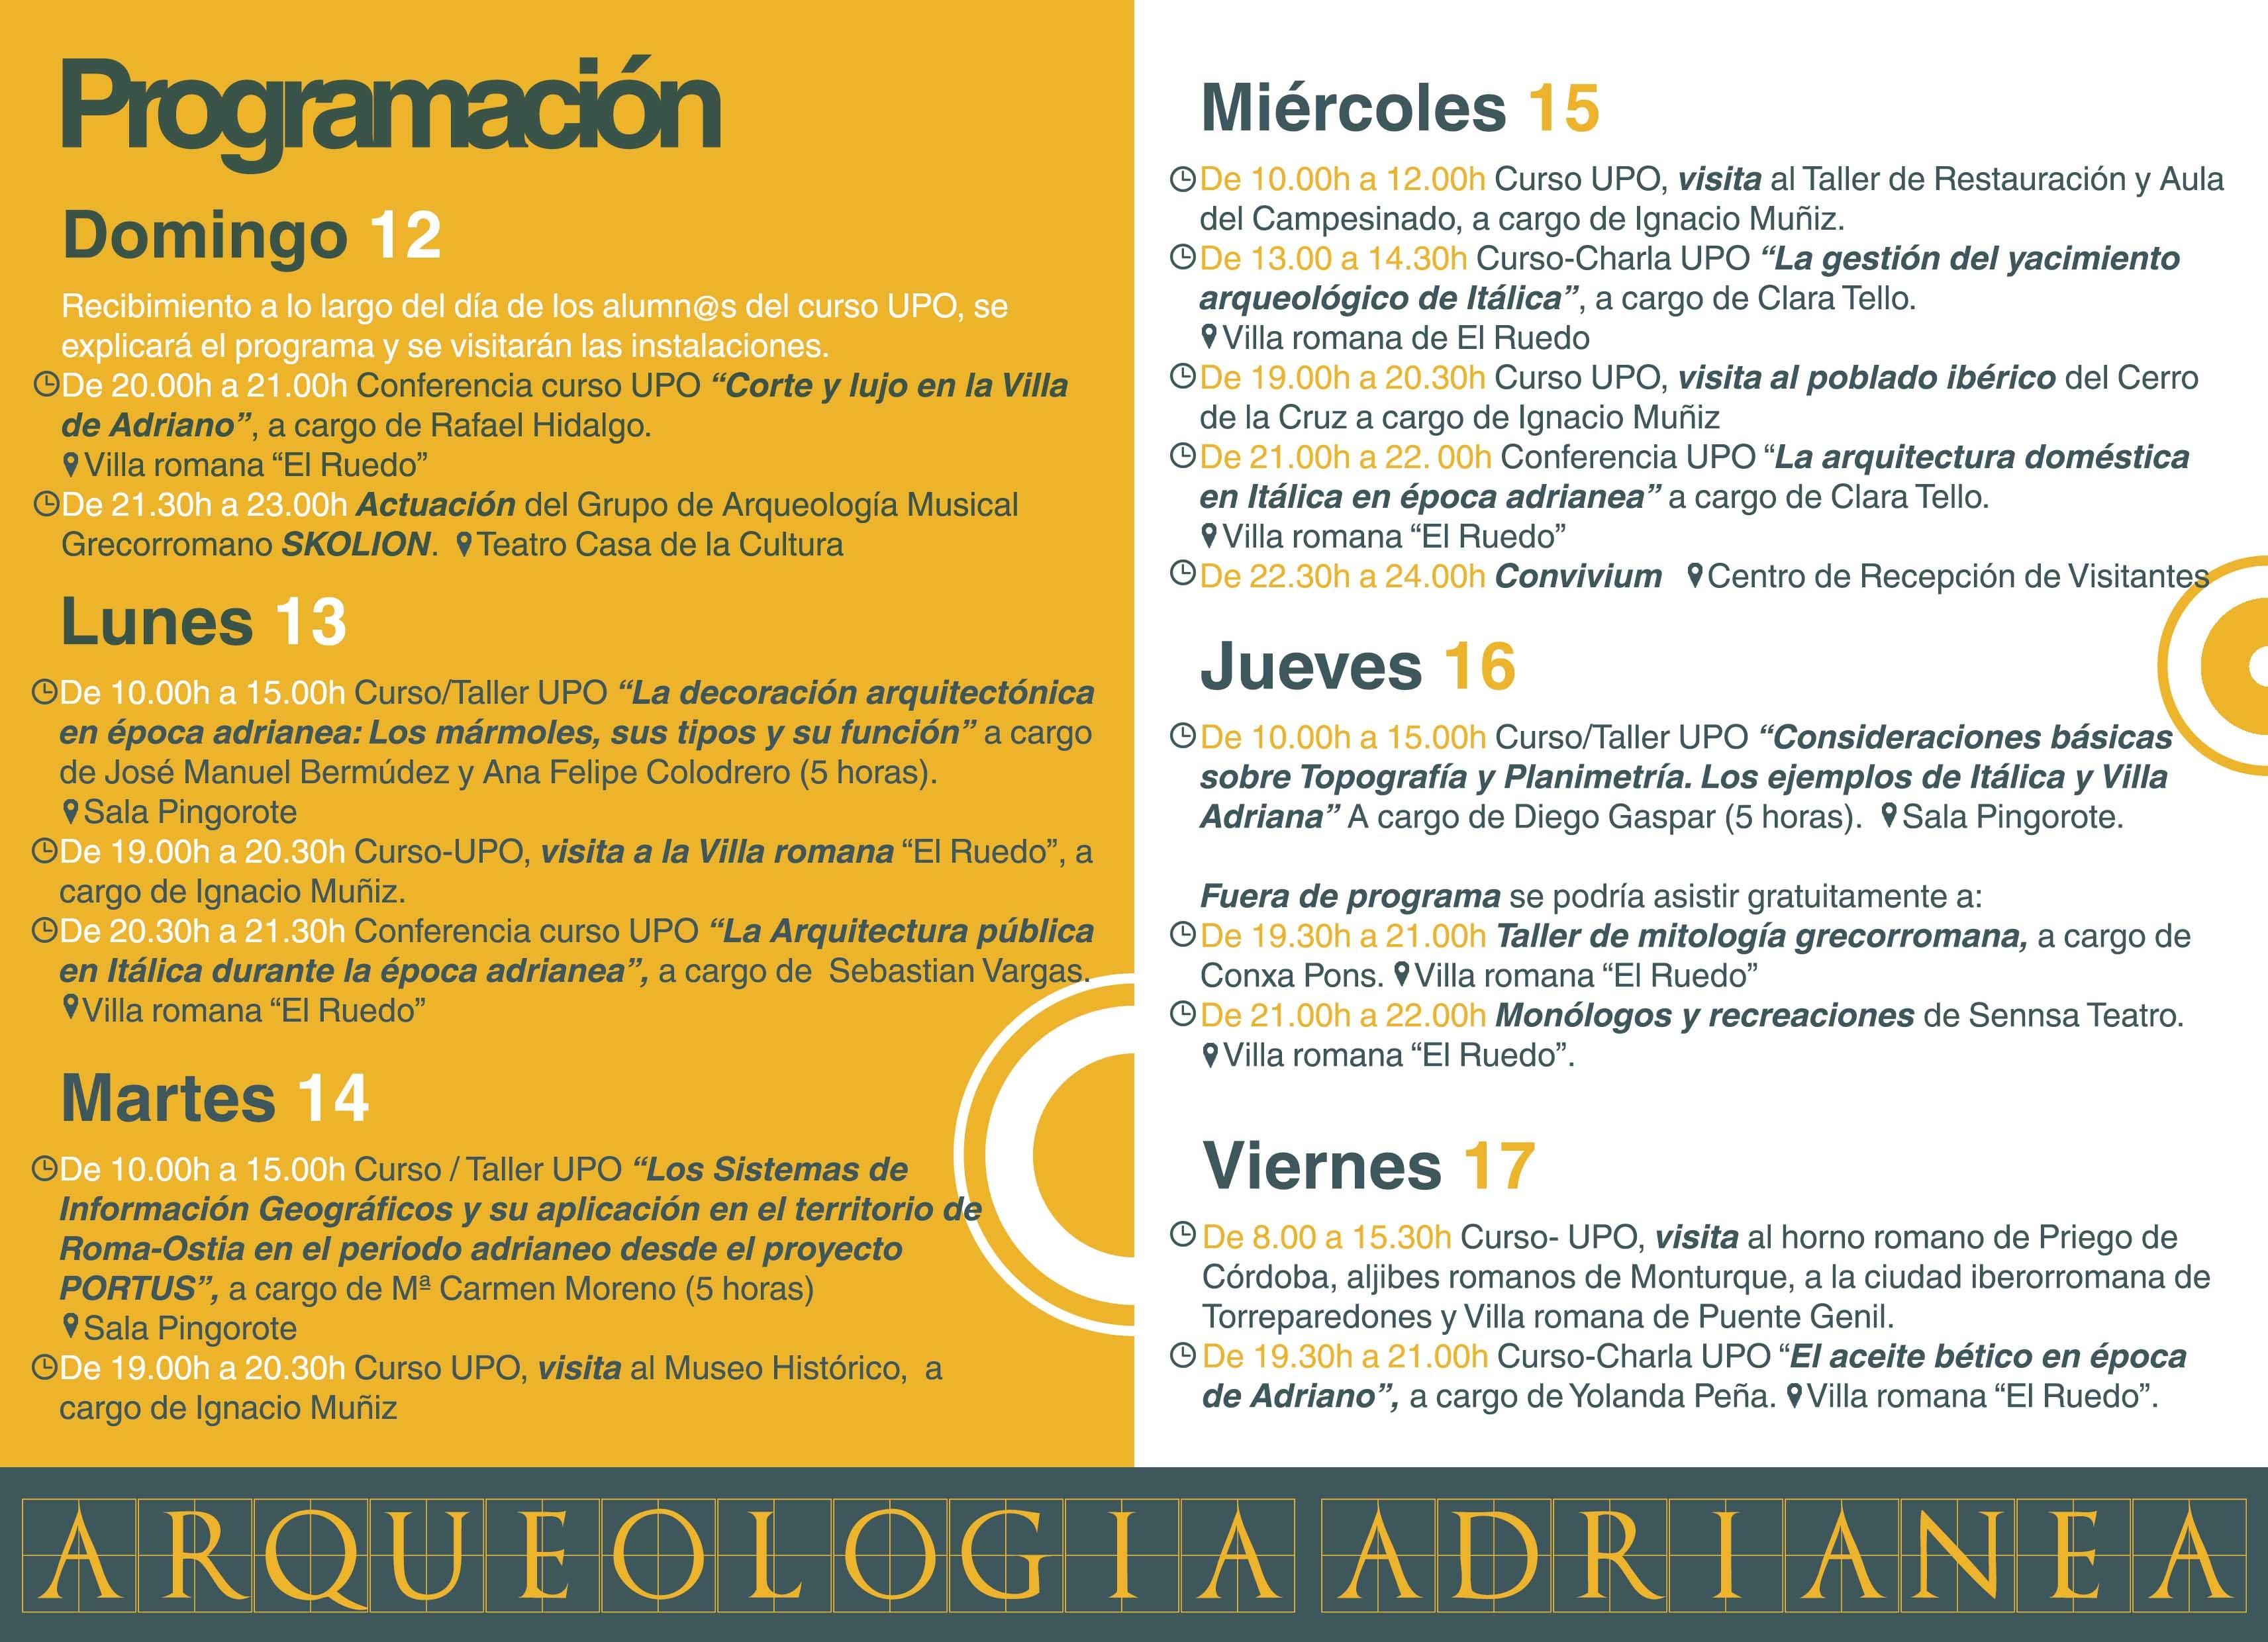 Programa Curso Arqueología Adrianea 2